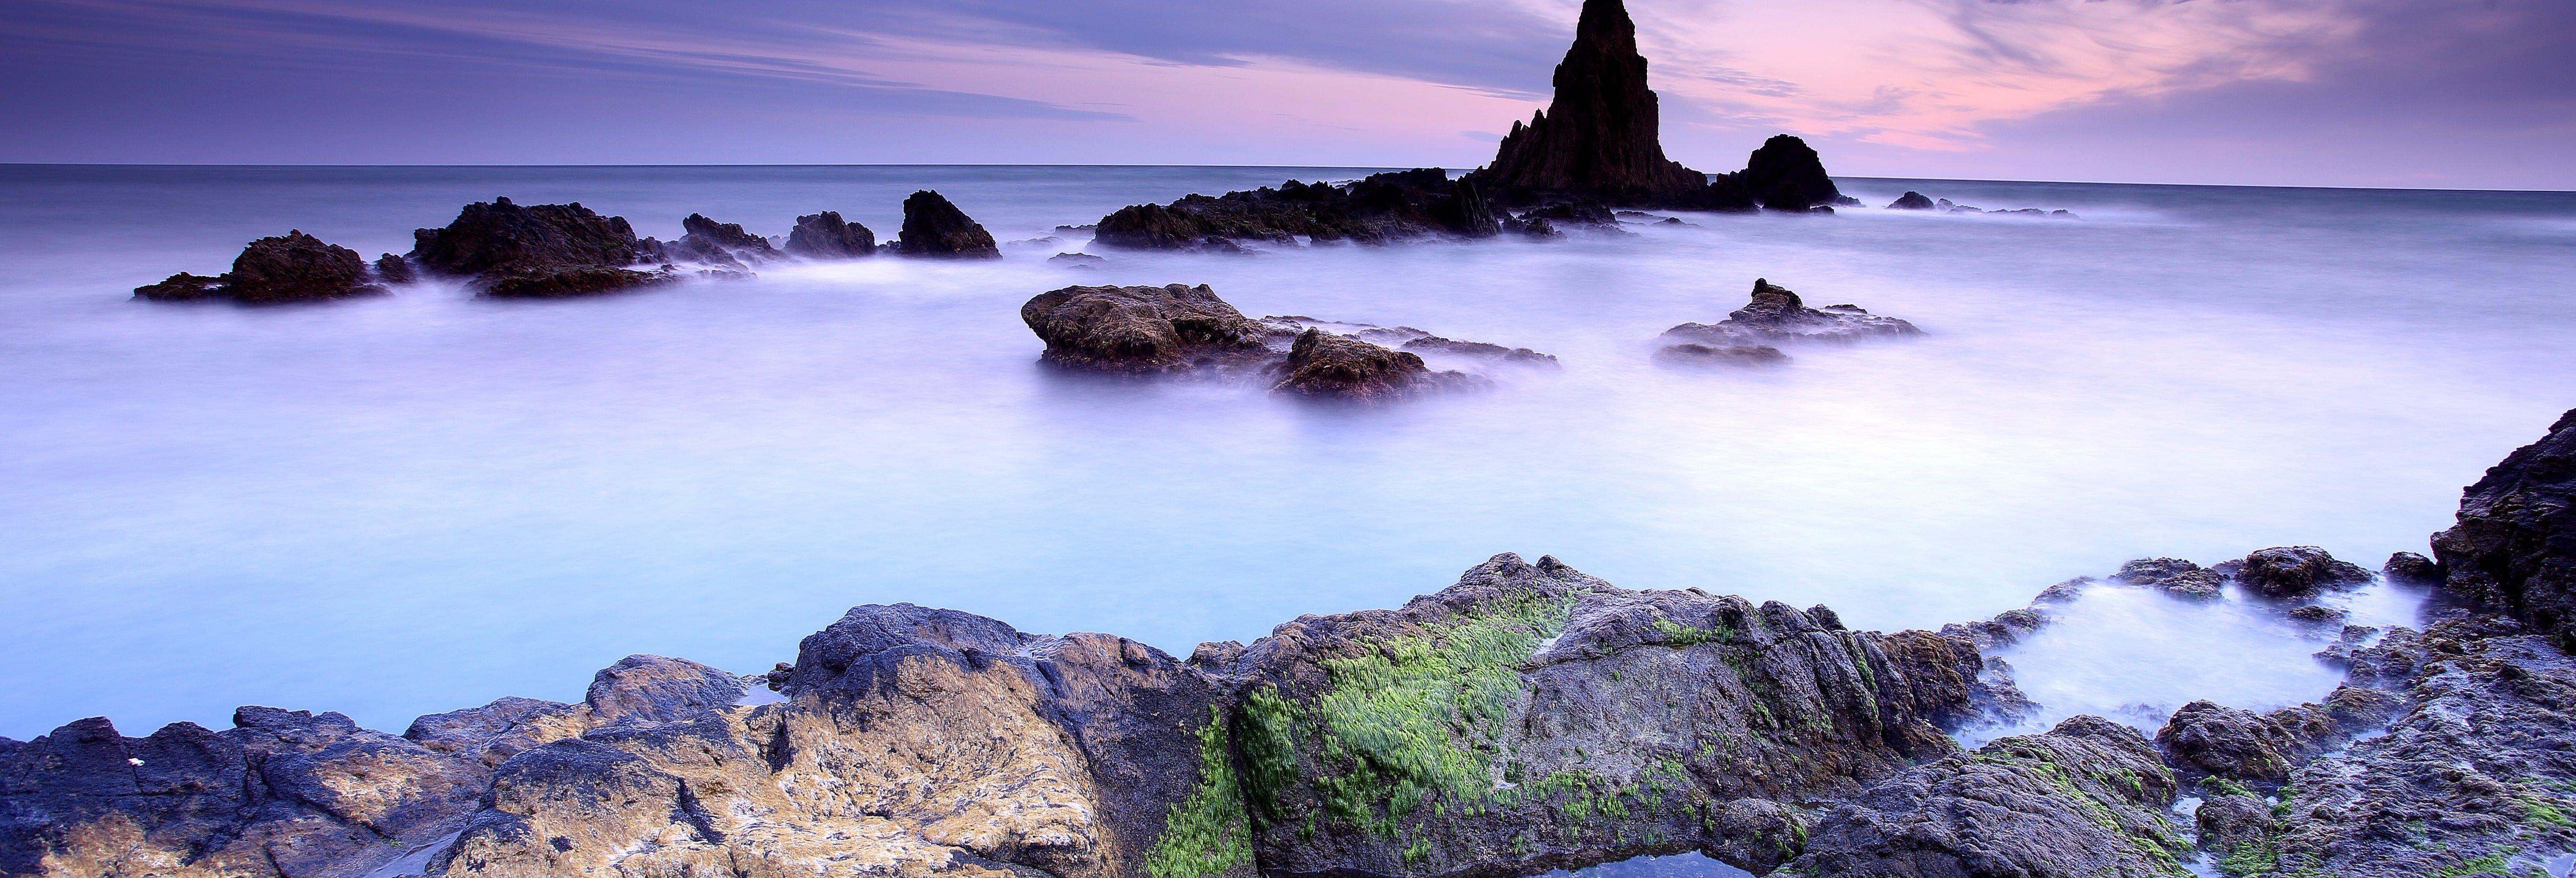 Excursão ao Parque Natural Cabo de Gata